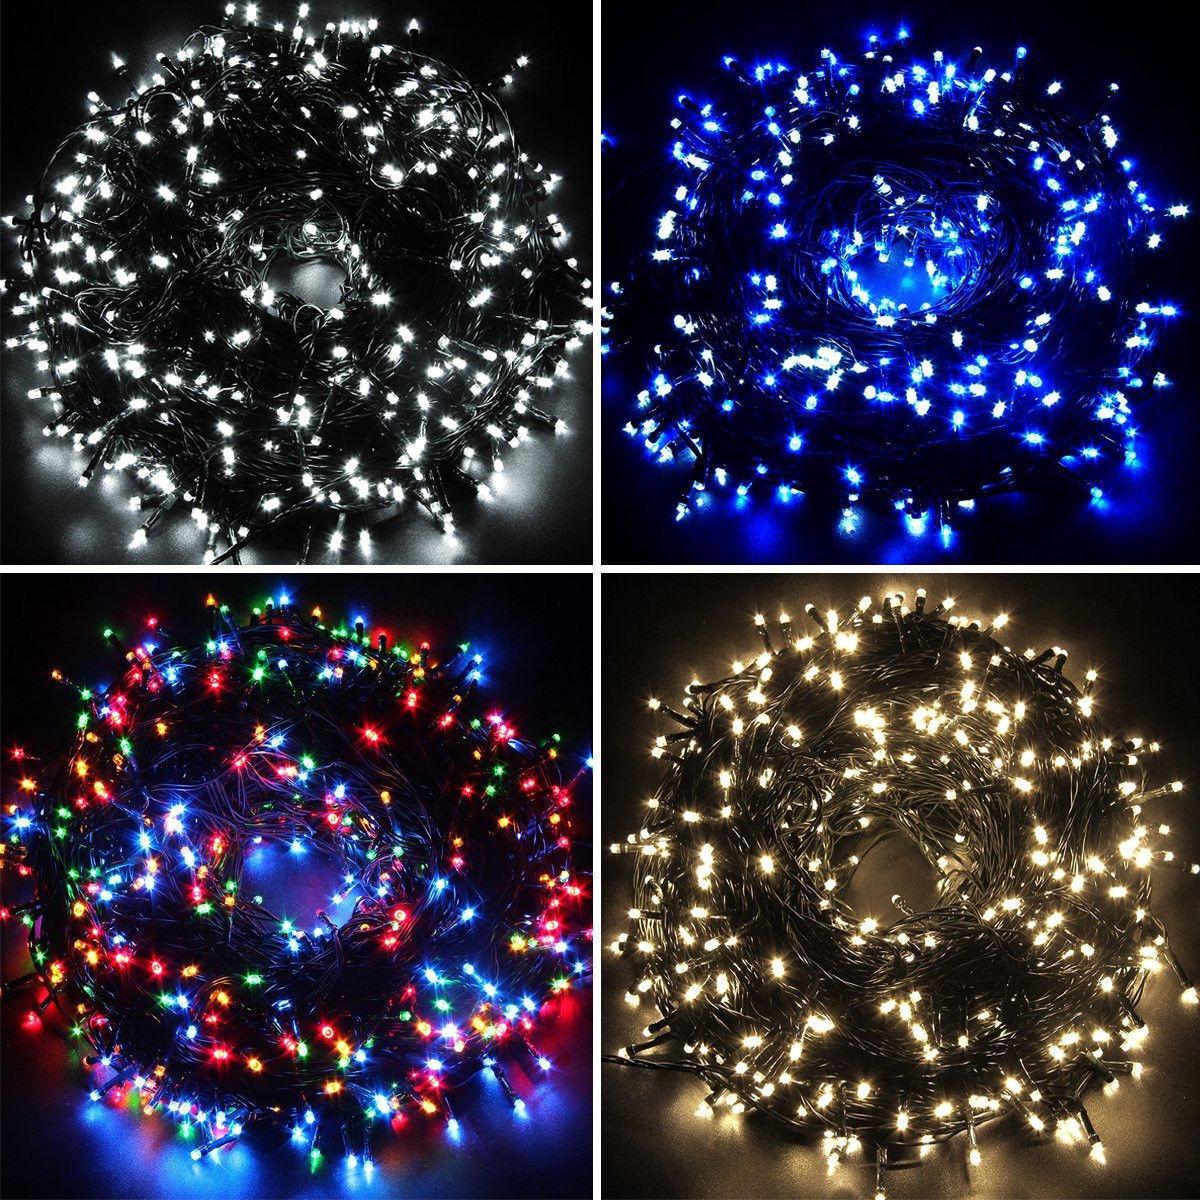 360-480-720-960 Ghiacciolo-Super Luminosi LED Cluster Luci Natale Festa di Natale